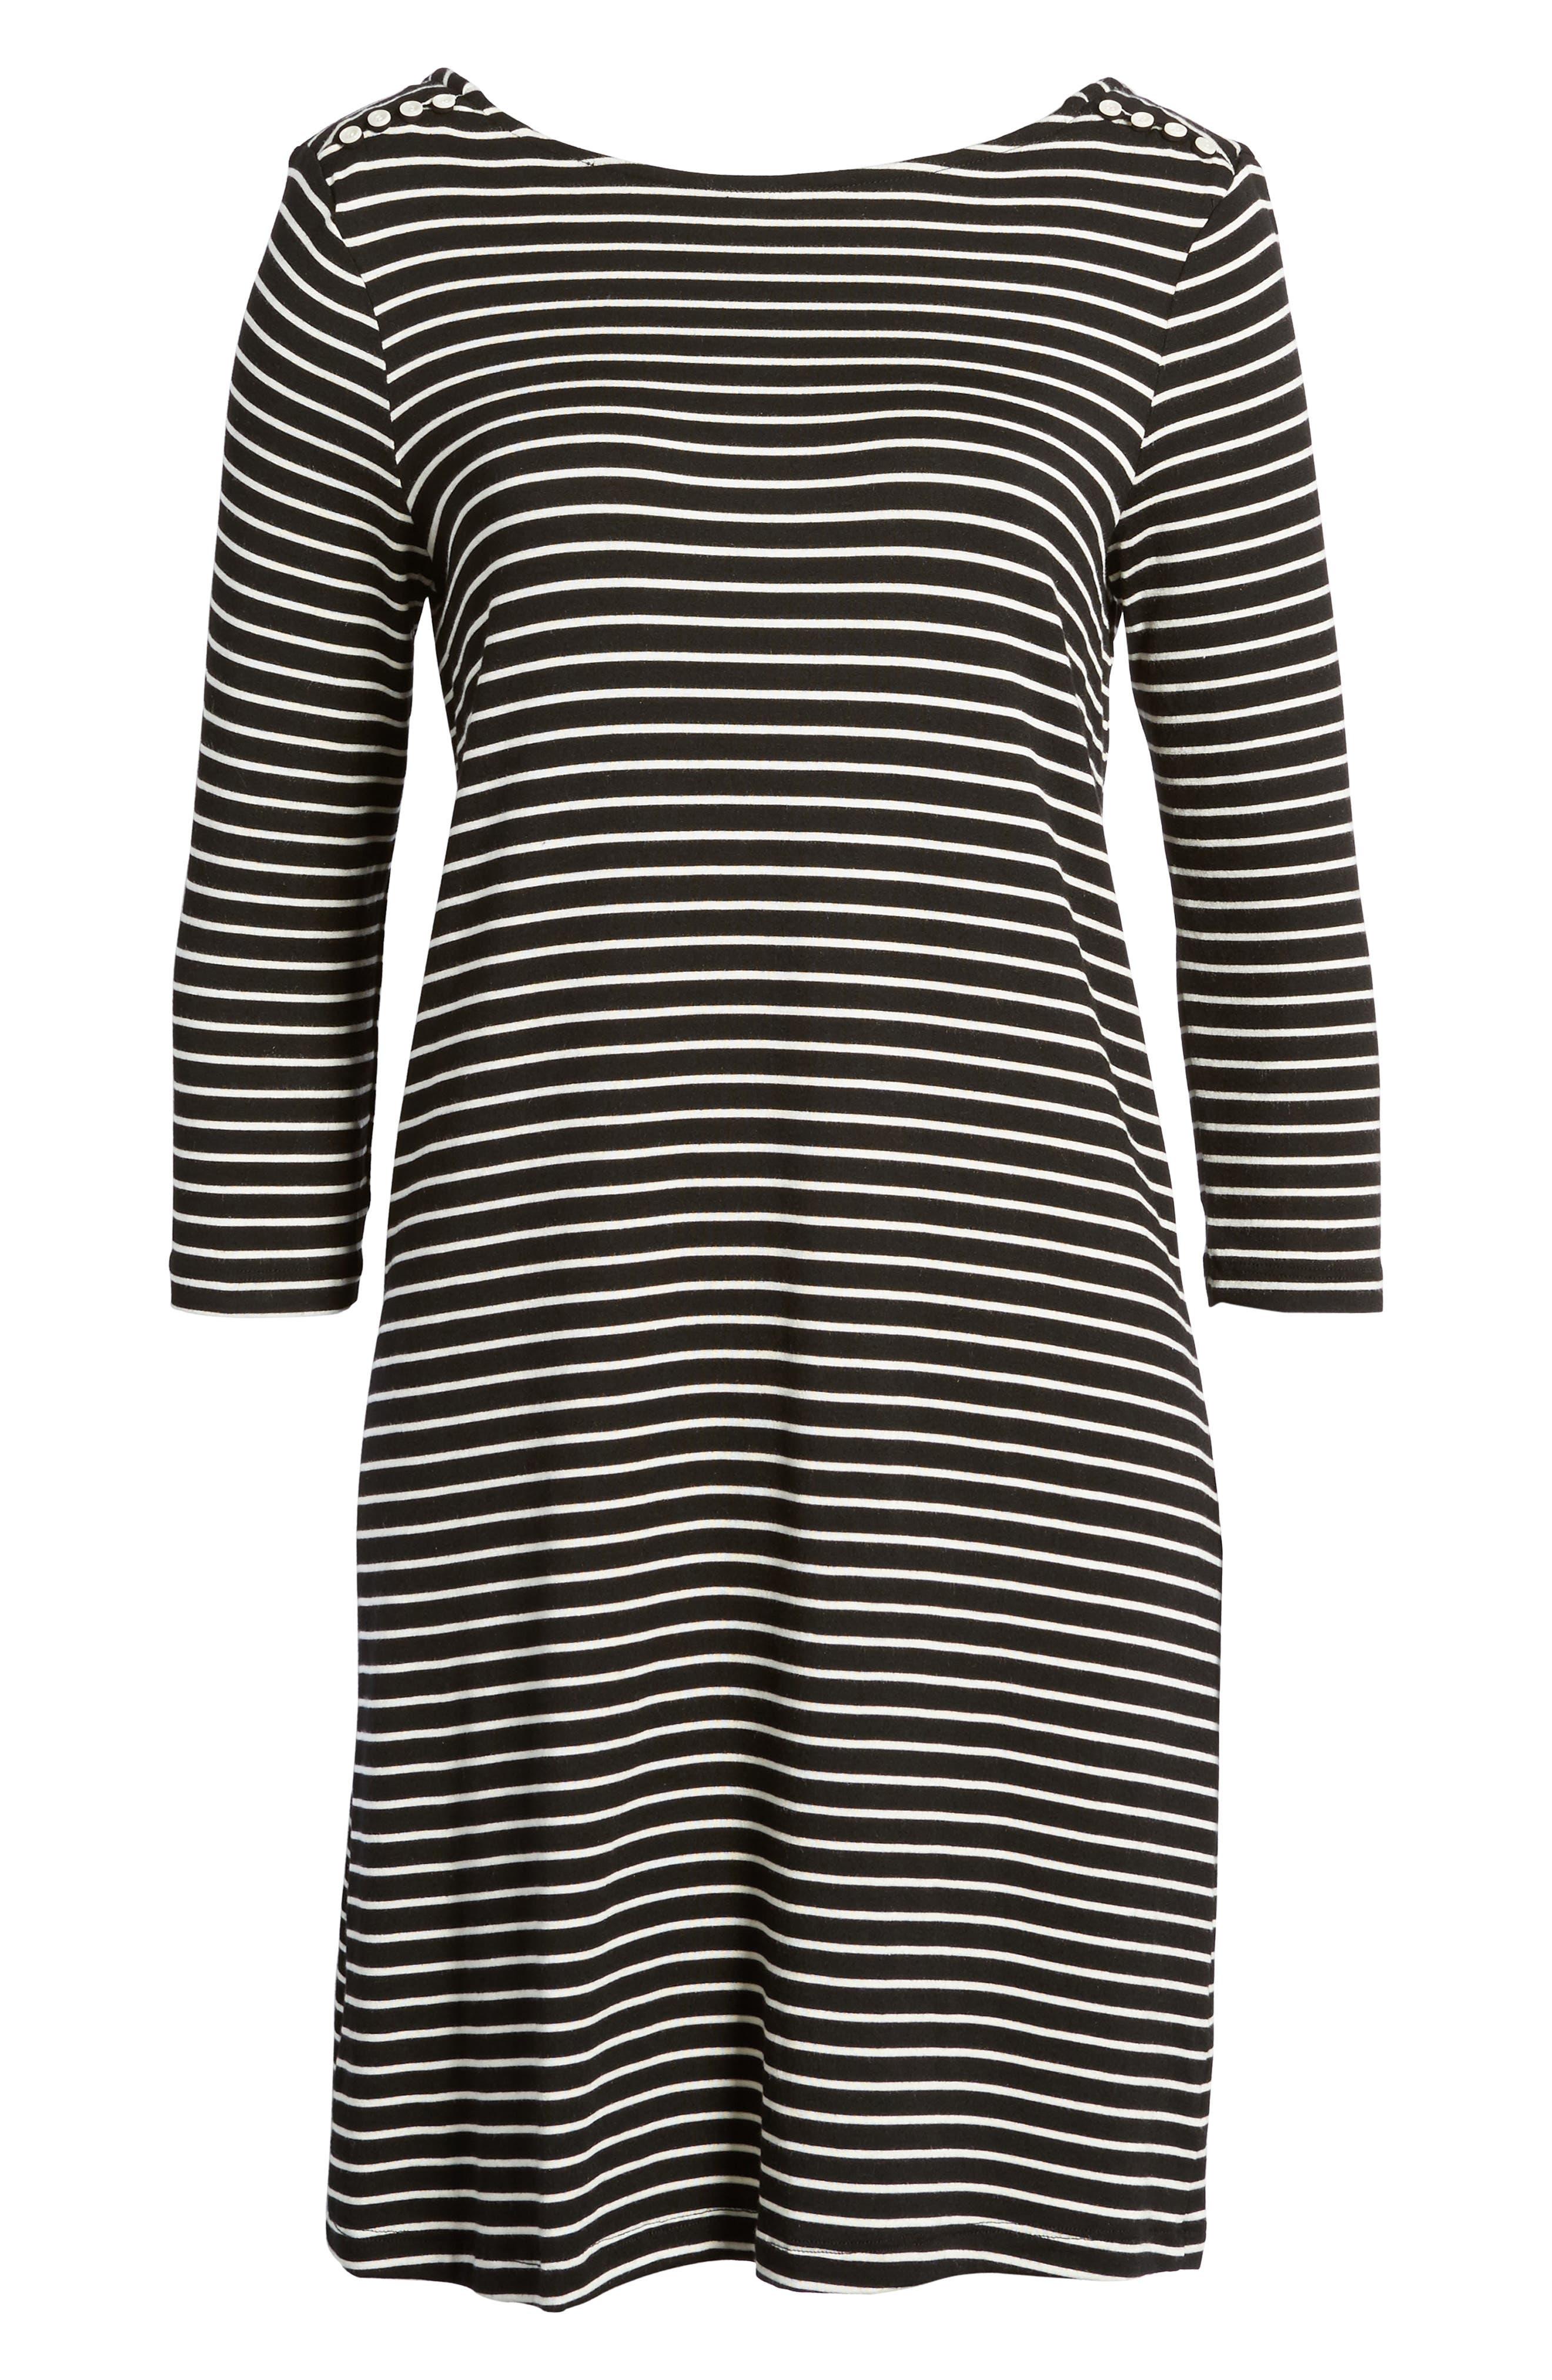 Rafaela Knit Dress,                             Alternate thumbnail 6, color,                             010